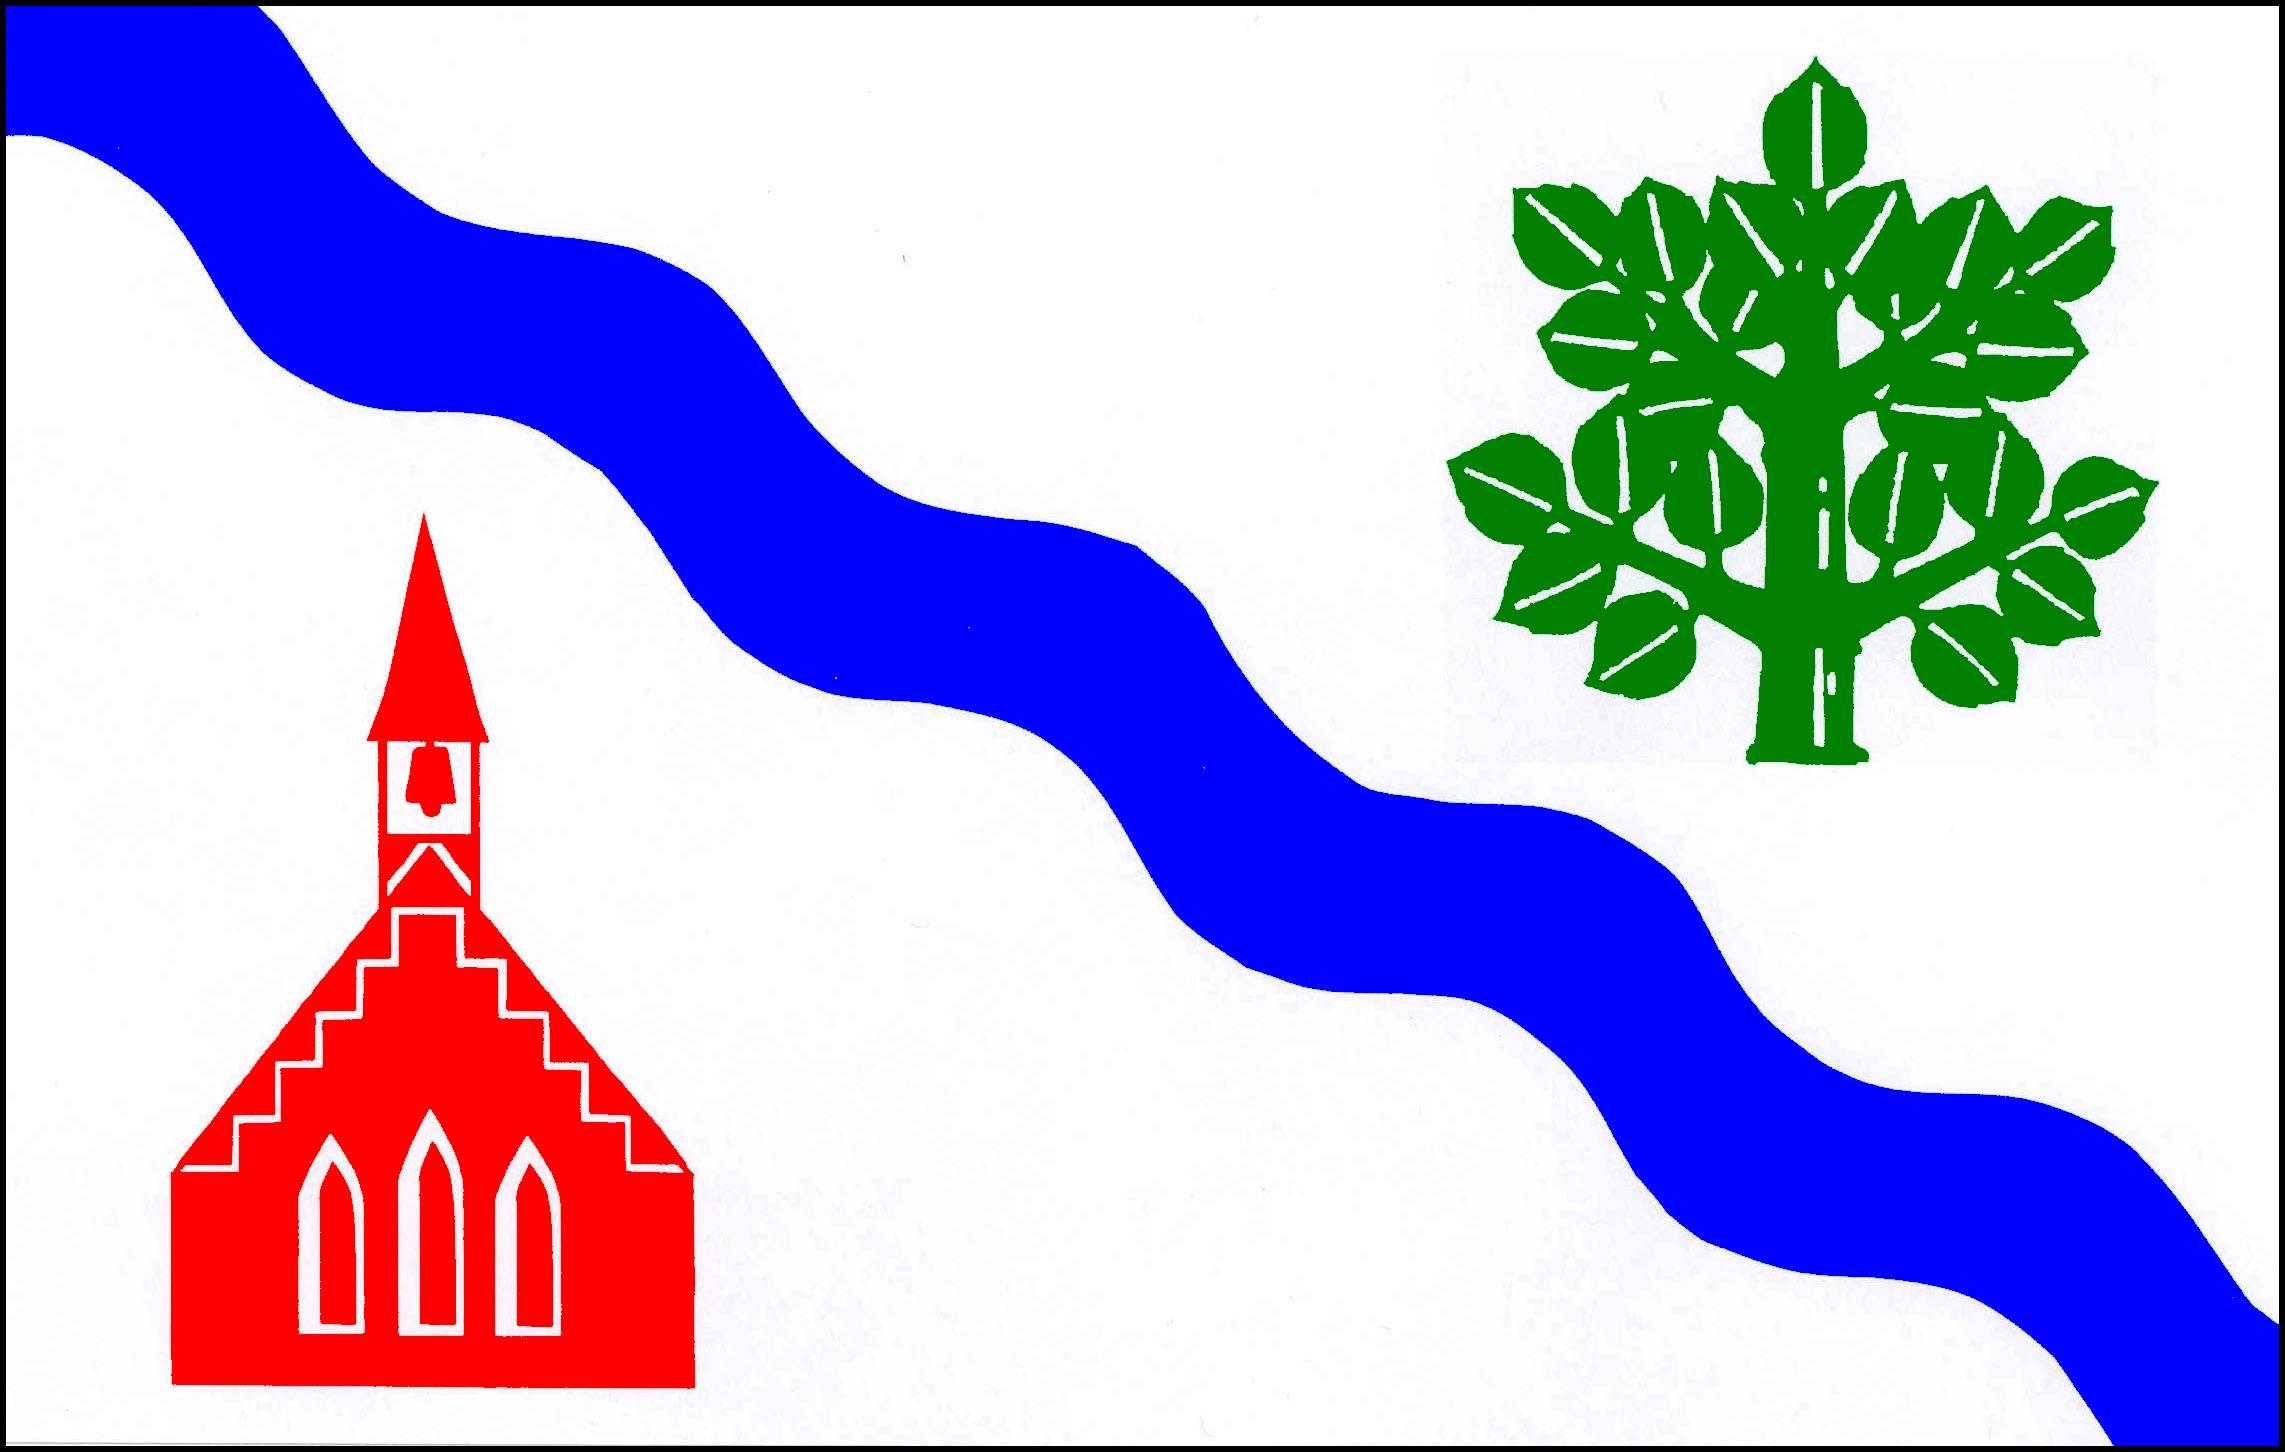 Flagge GemeindeKöthel, Kreis Stormarn